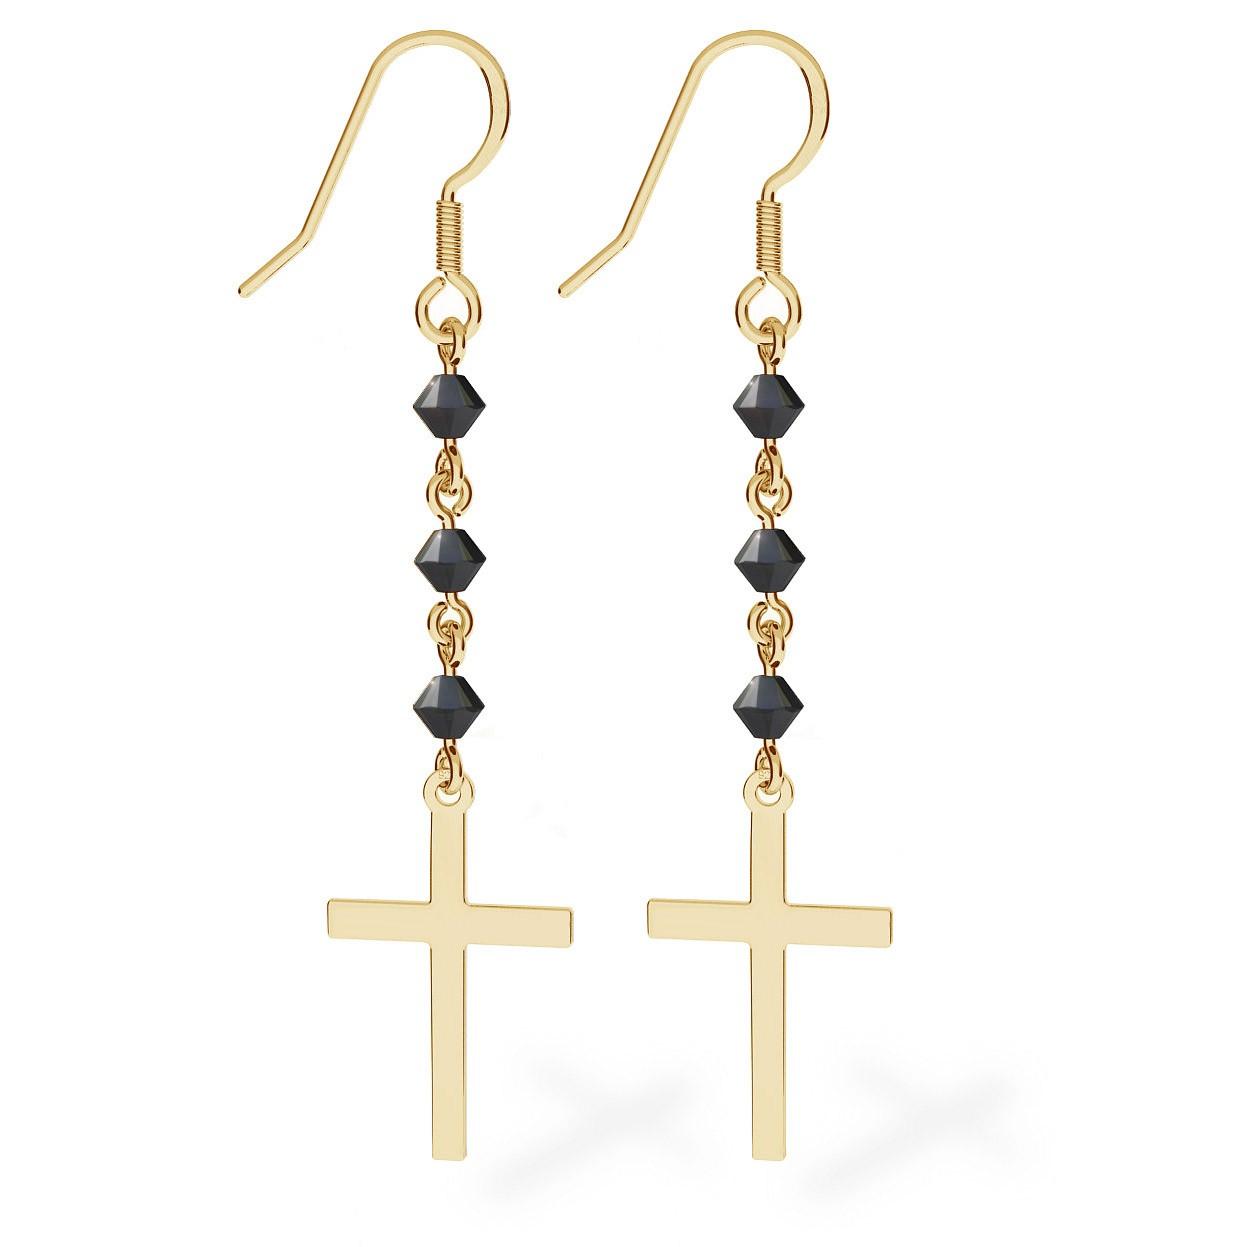 Silver earrings with cross, Swarovski